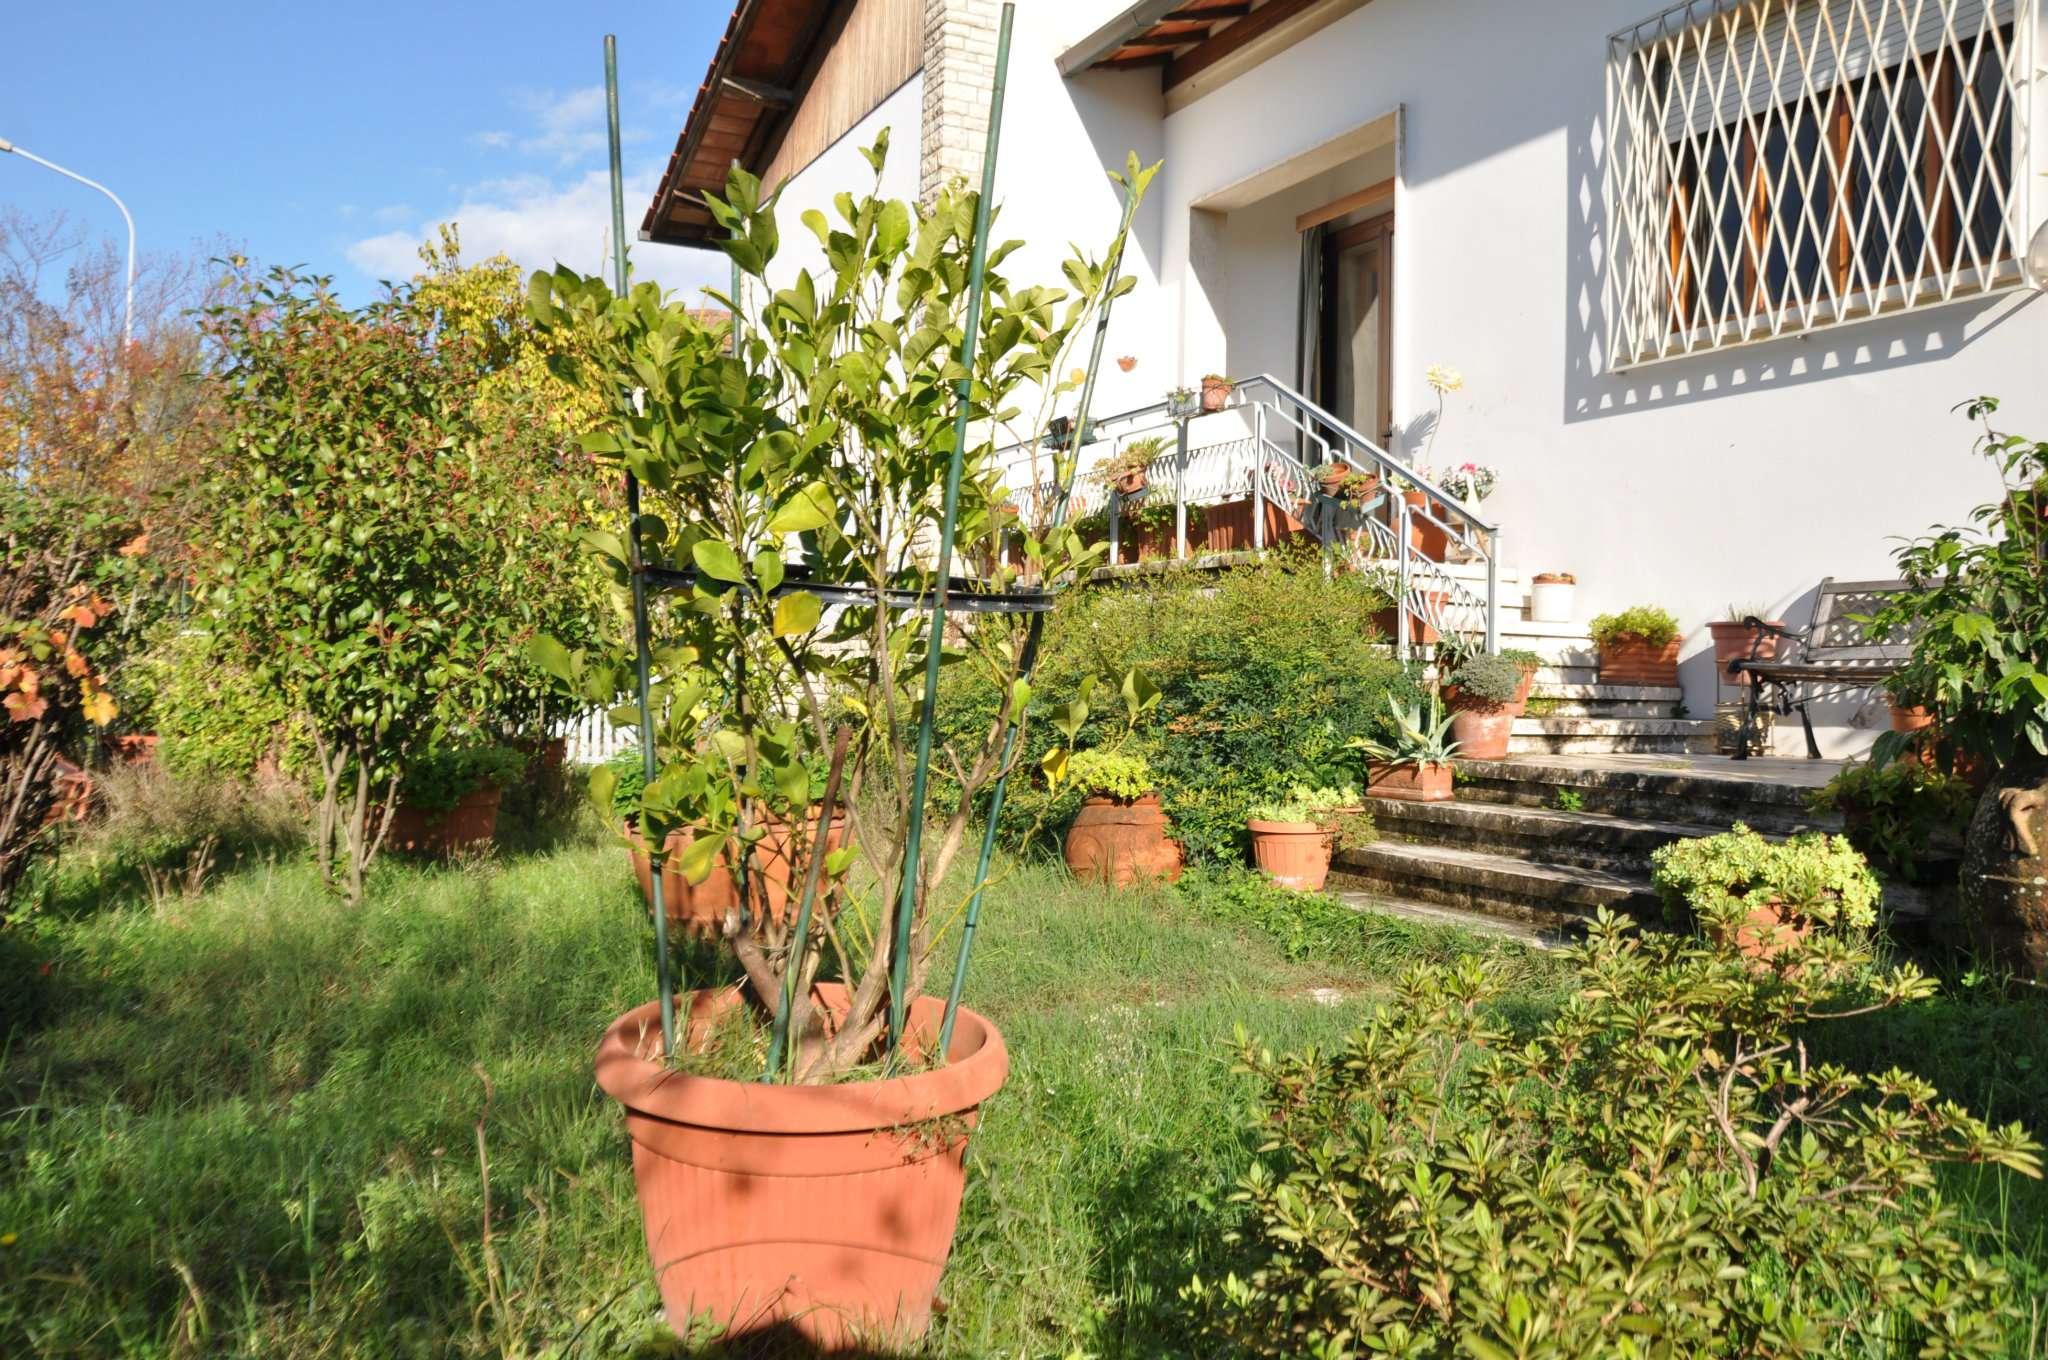 Soluzione Indipendente in vendita a Pistoia, 9 locali, prezzo € 500.000 | Cambio Casa.it